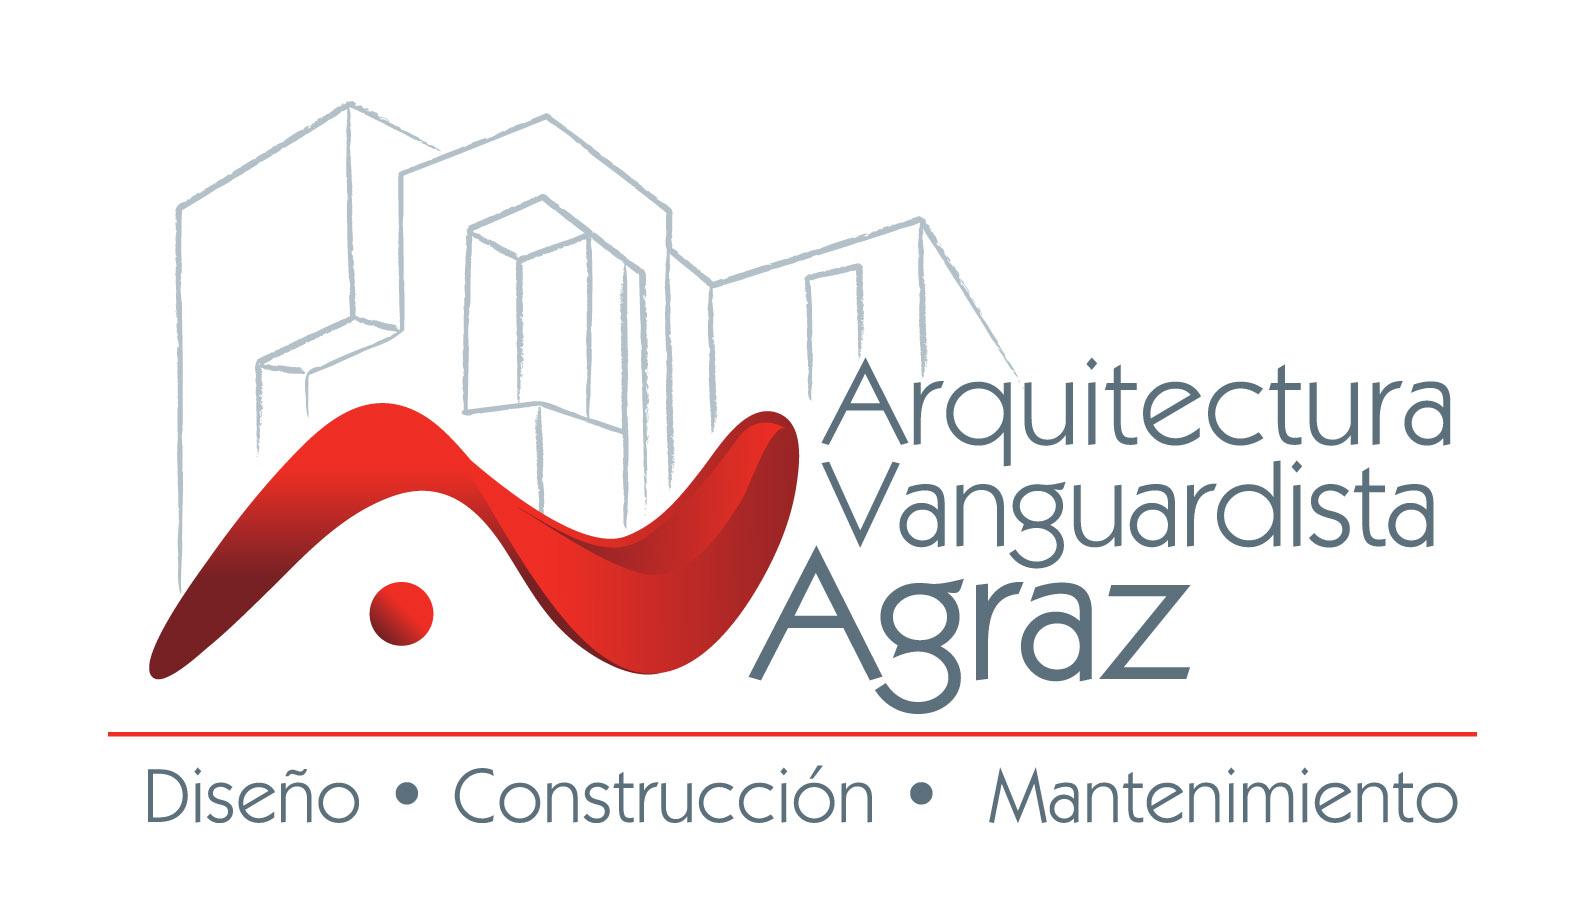 Arquitectura Vanguardista Agraz